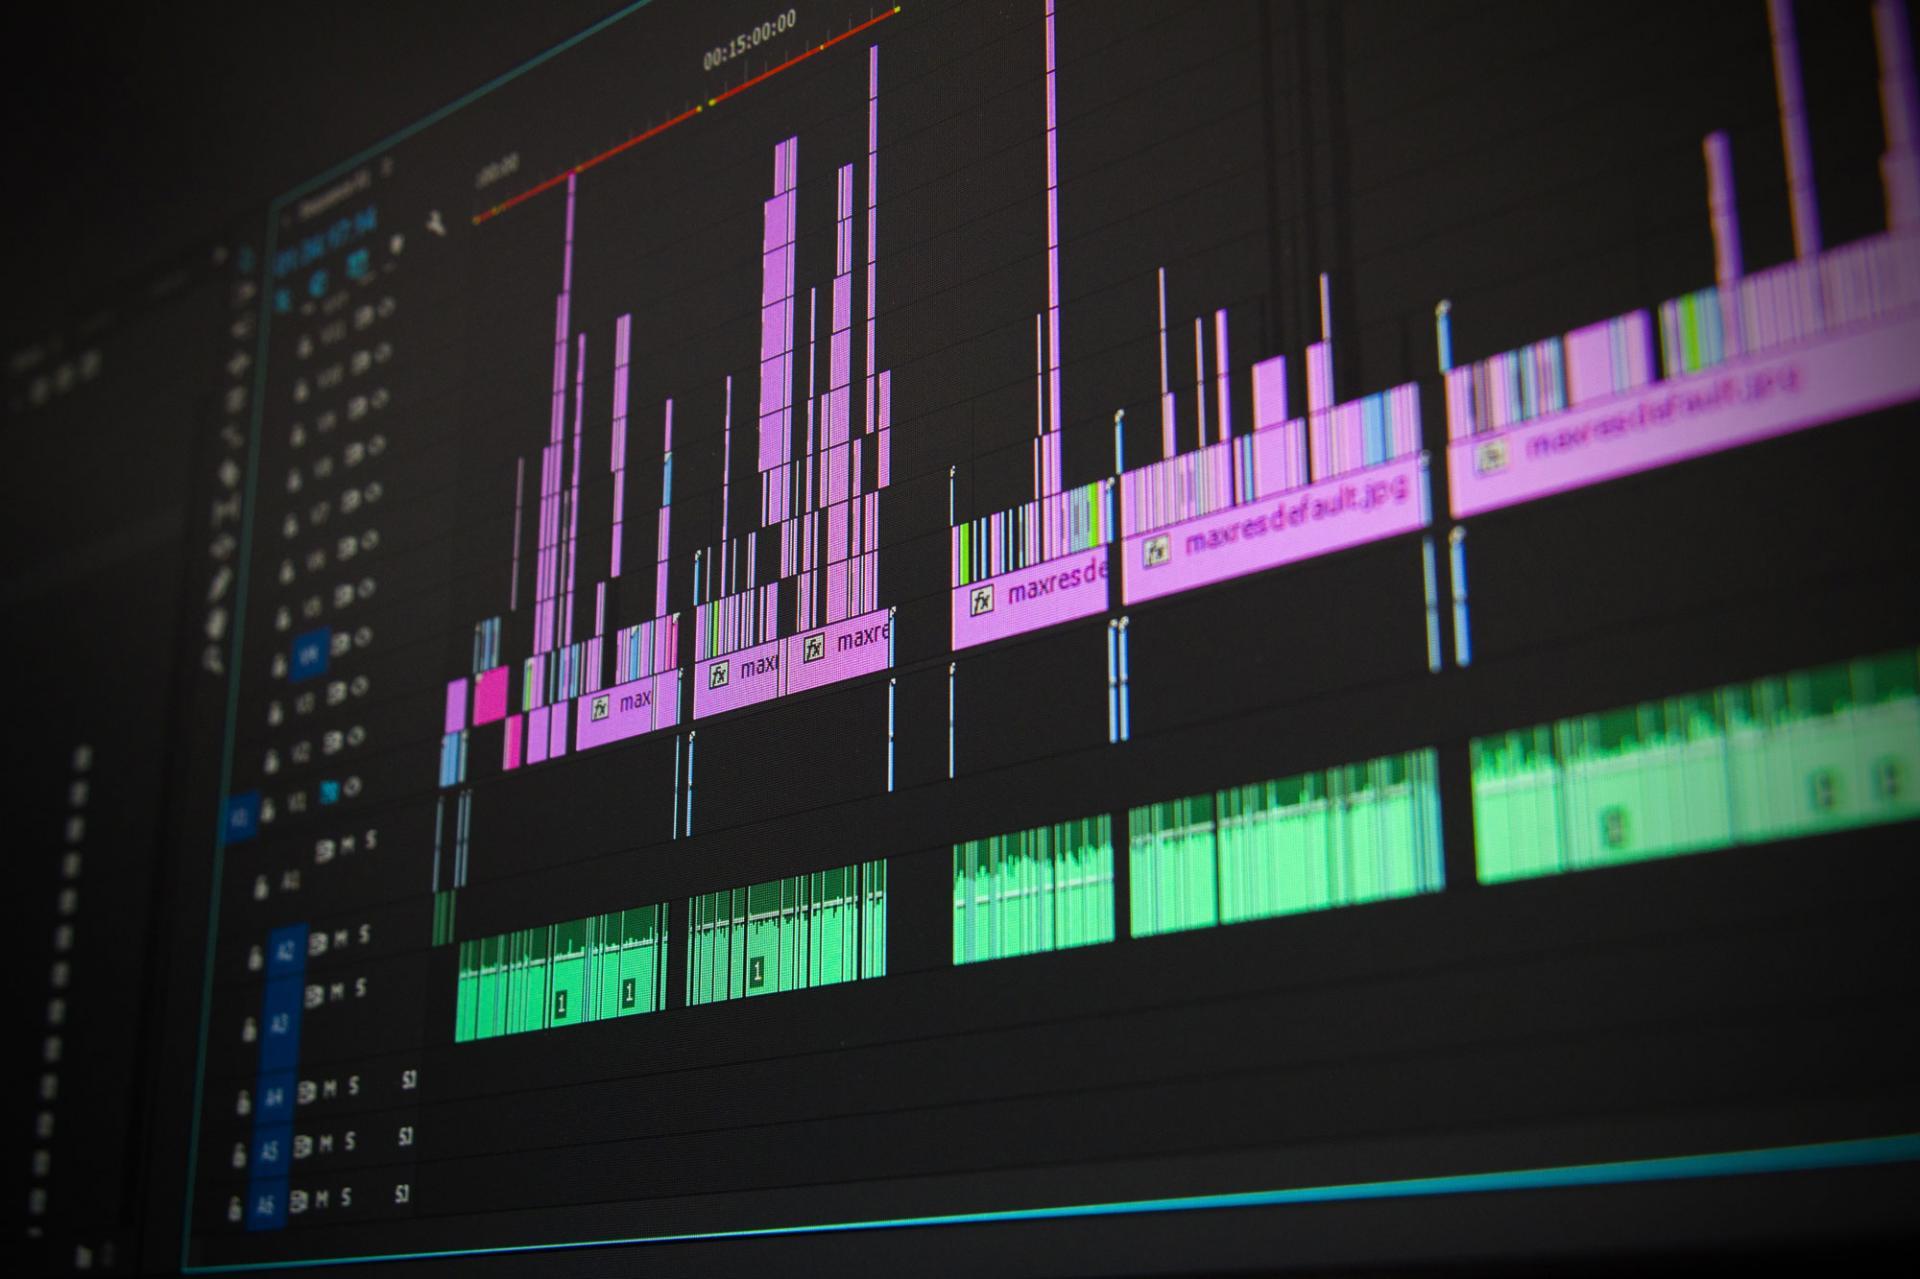 Как записать музыку извук скомпьютера: 5 простых программ